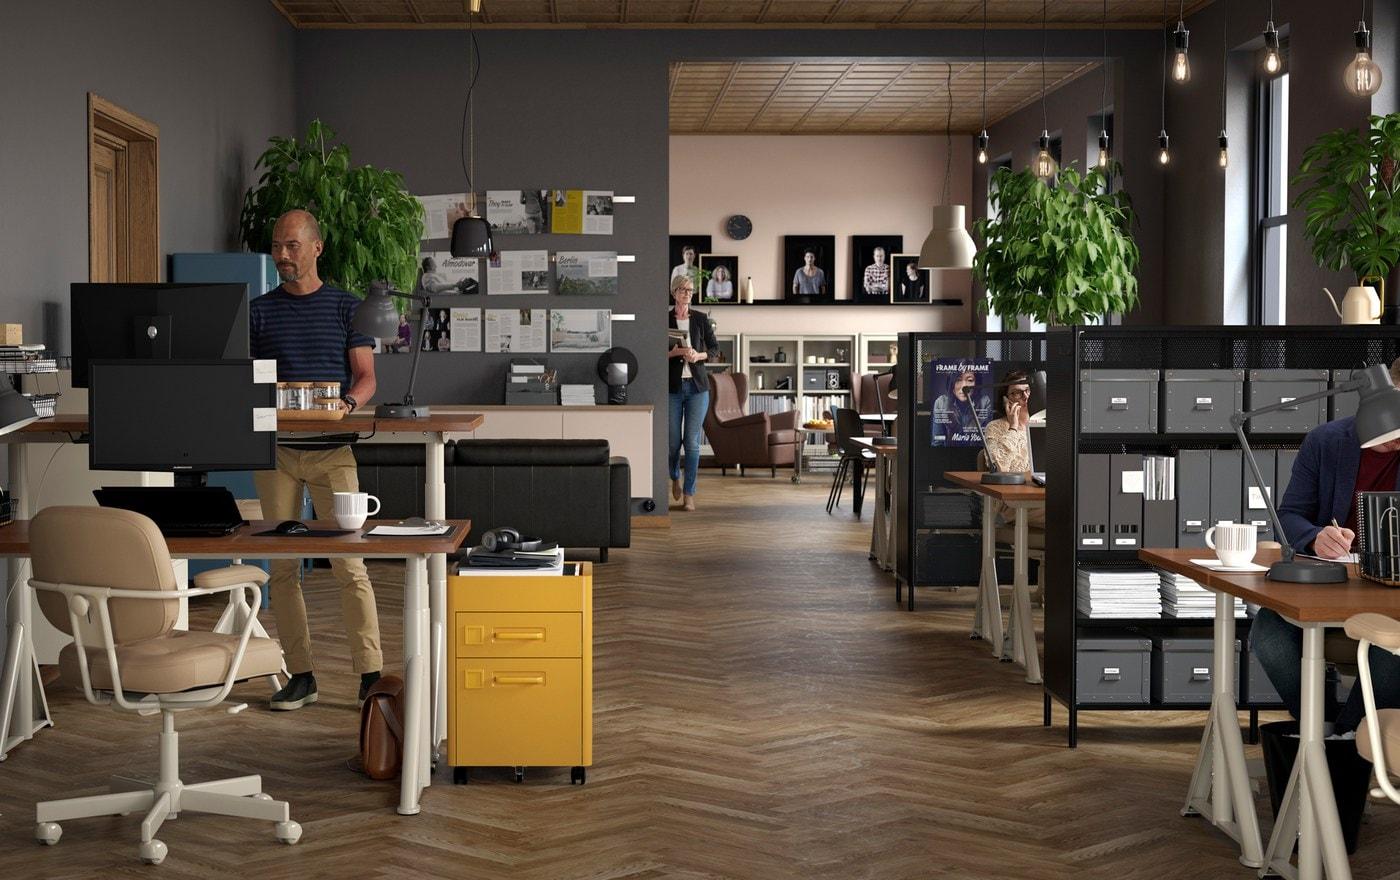 Muž stojící za pracovním stolem v kanceláři, kde je velká řada dalších stolů, židlí a úložných dílů.